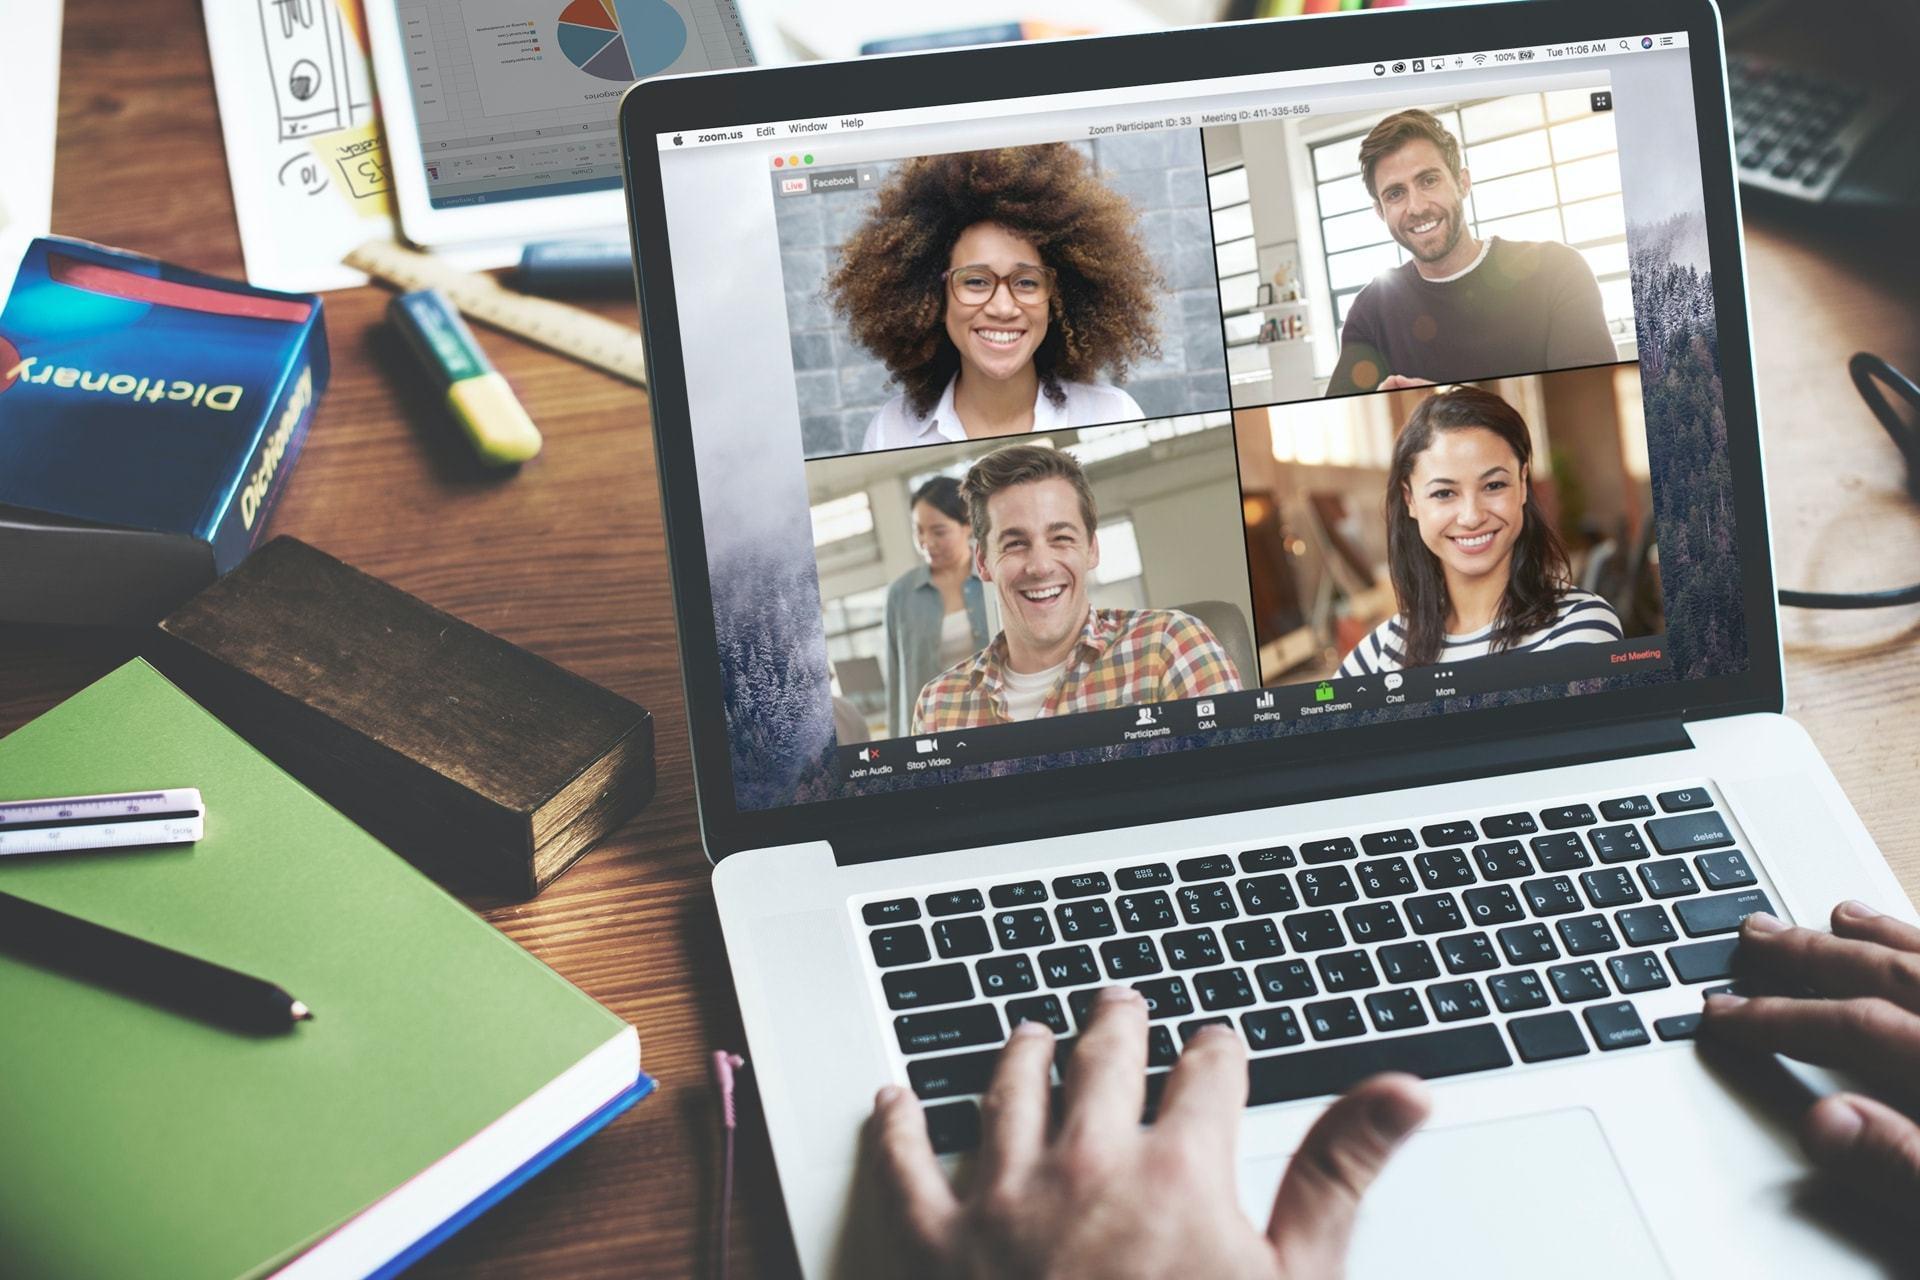 Notebook com o aplicativo da Zoom aberto com quatro pessoas participando de uma videochamada.